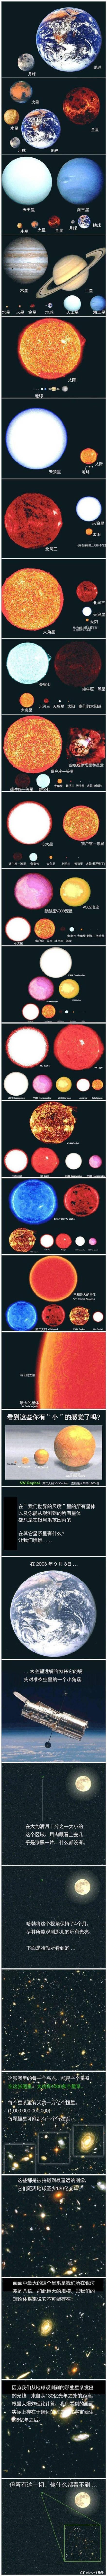 一张图告诉你地球有多渺小 宇宙有多大